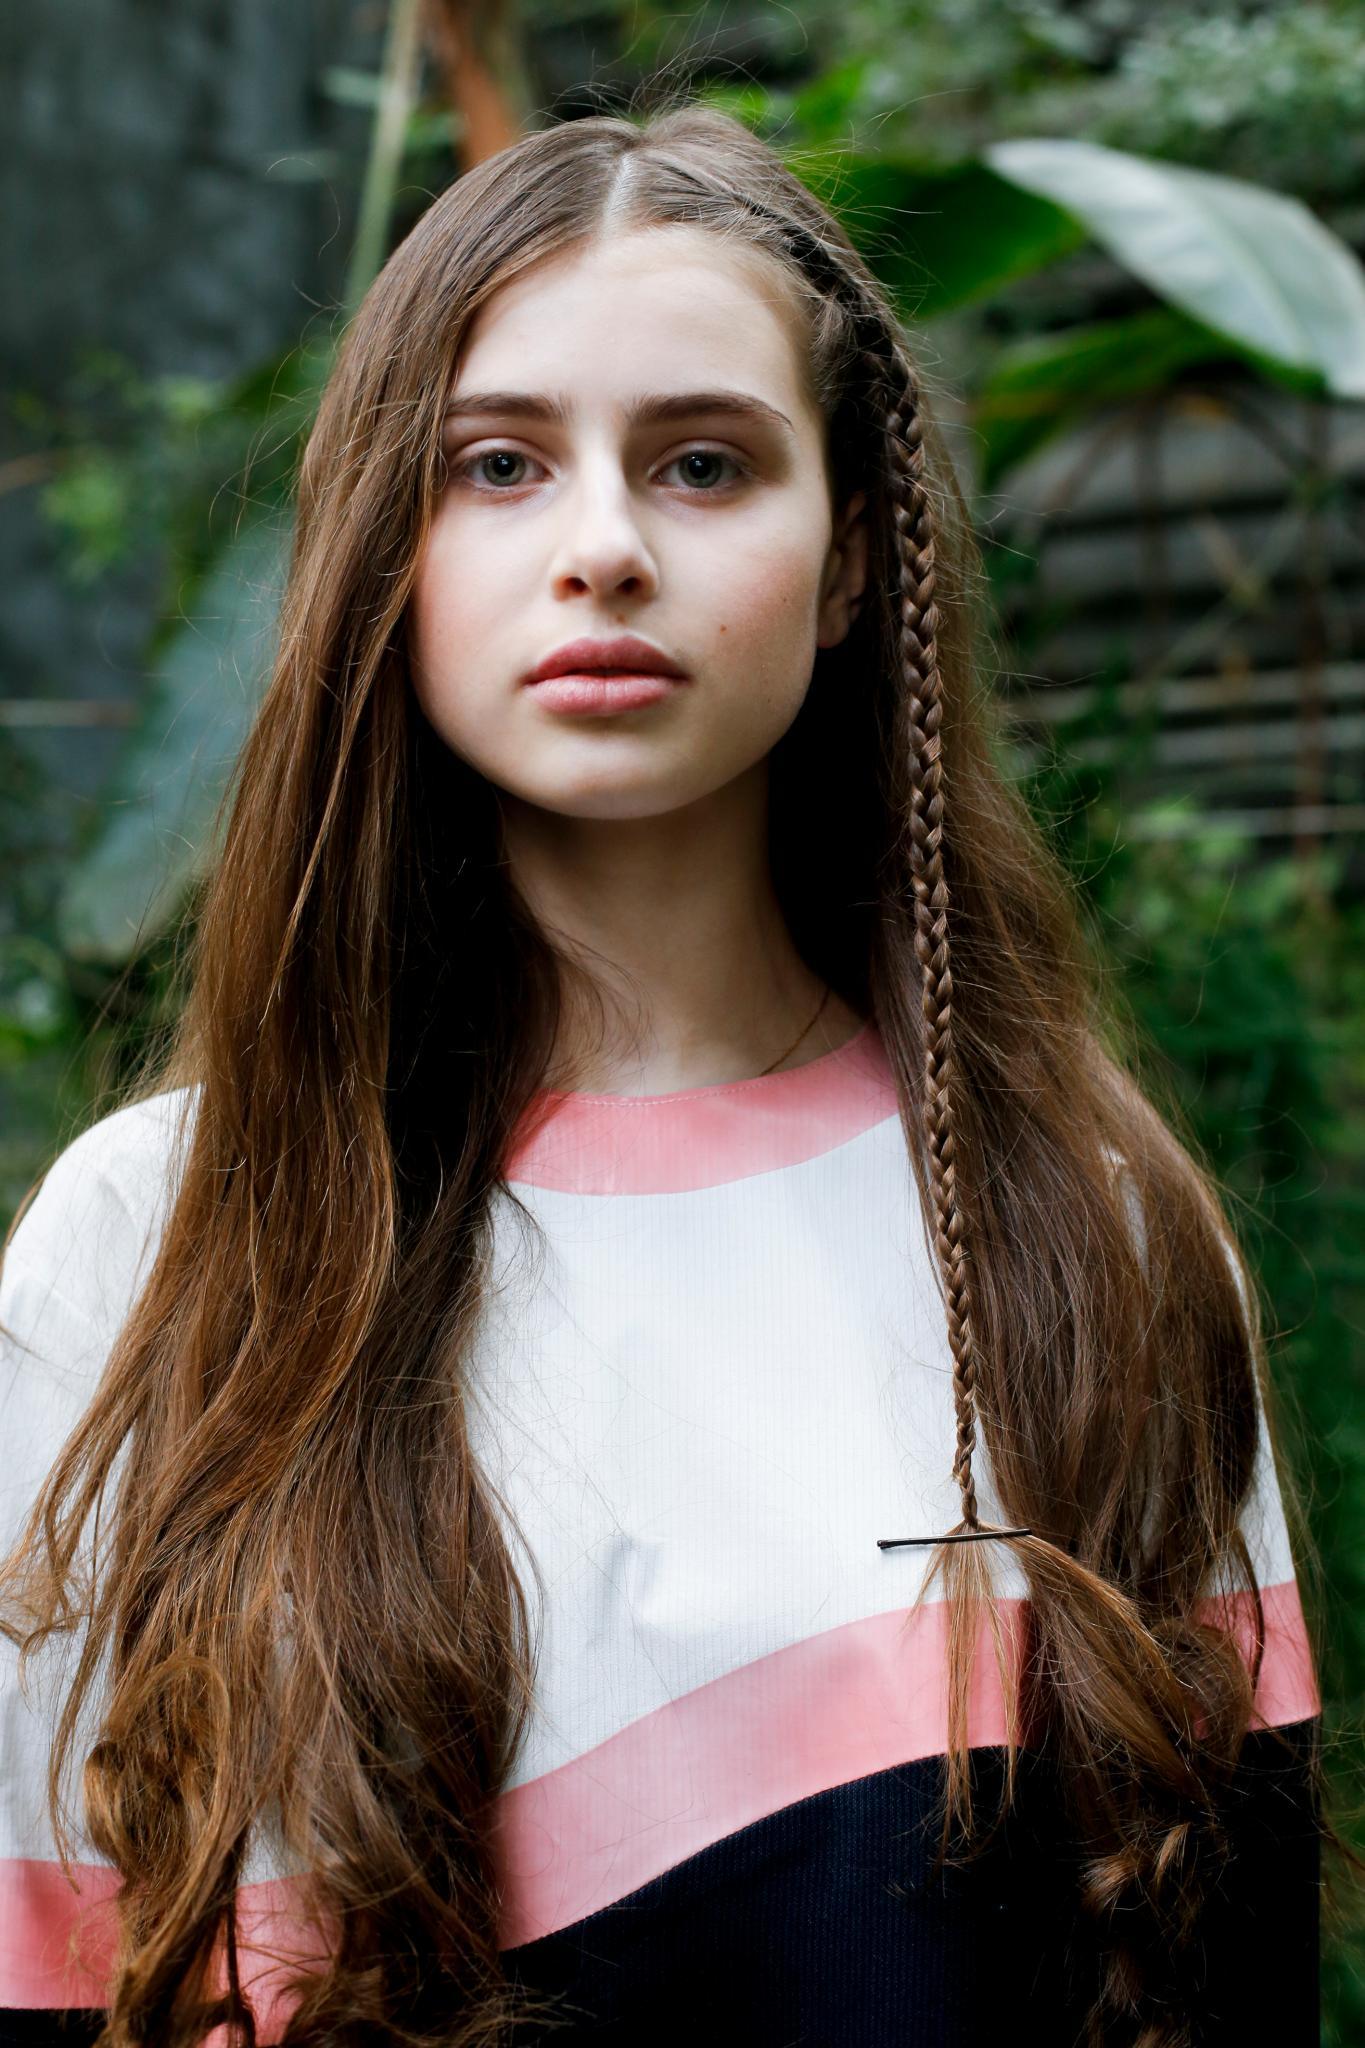 pelo largo lacio color castaño con trenza acento de costado